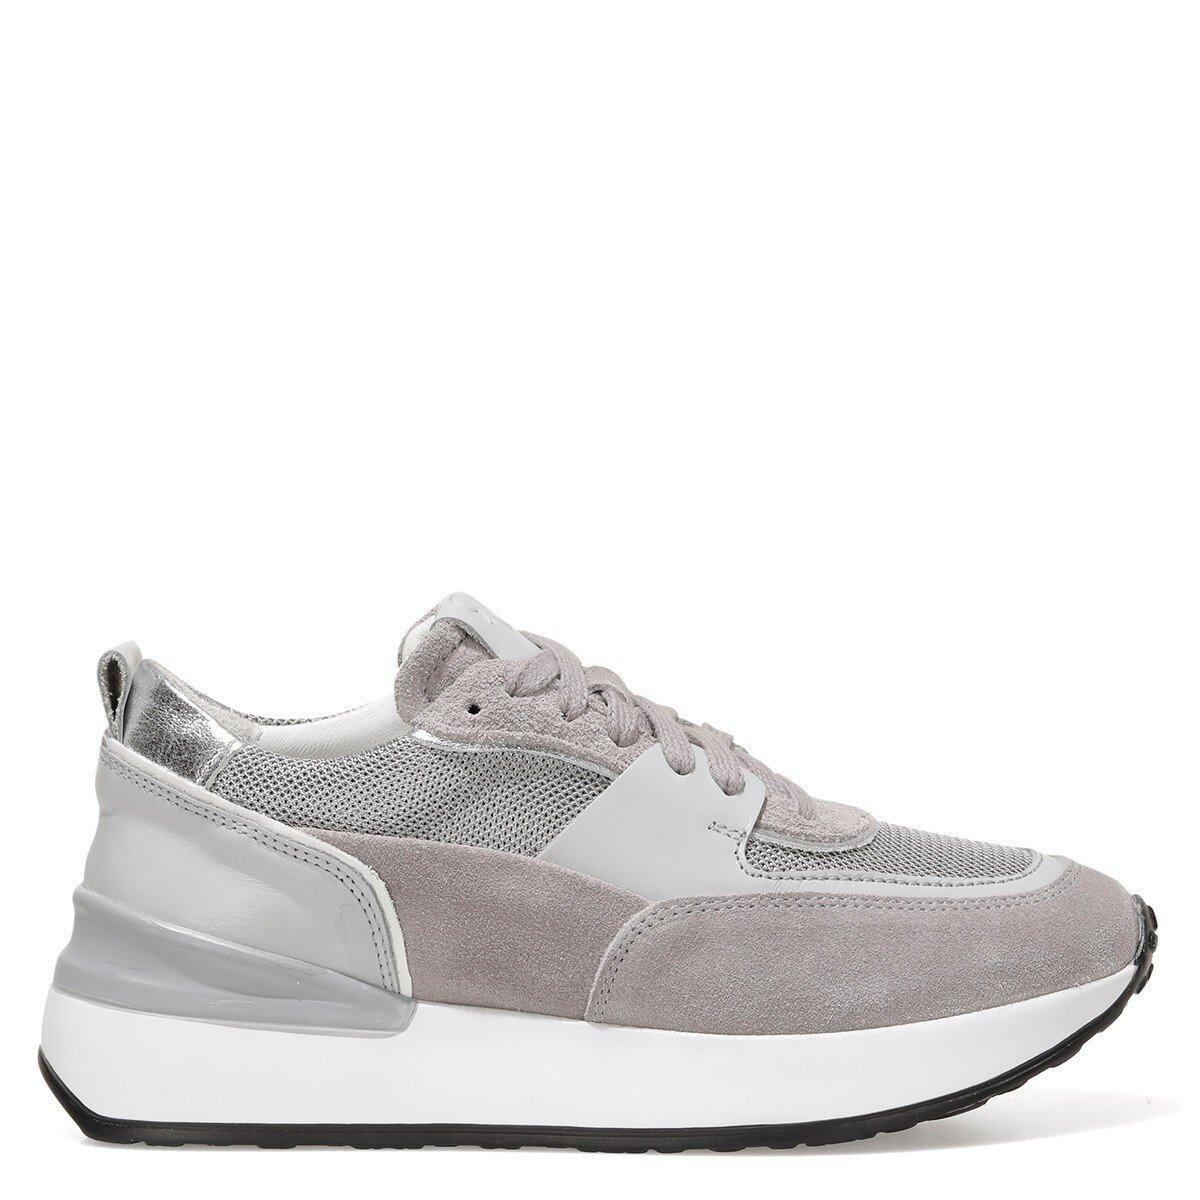 SAILSPEED 1FX Gri Kadın Sneaker